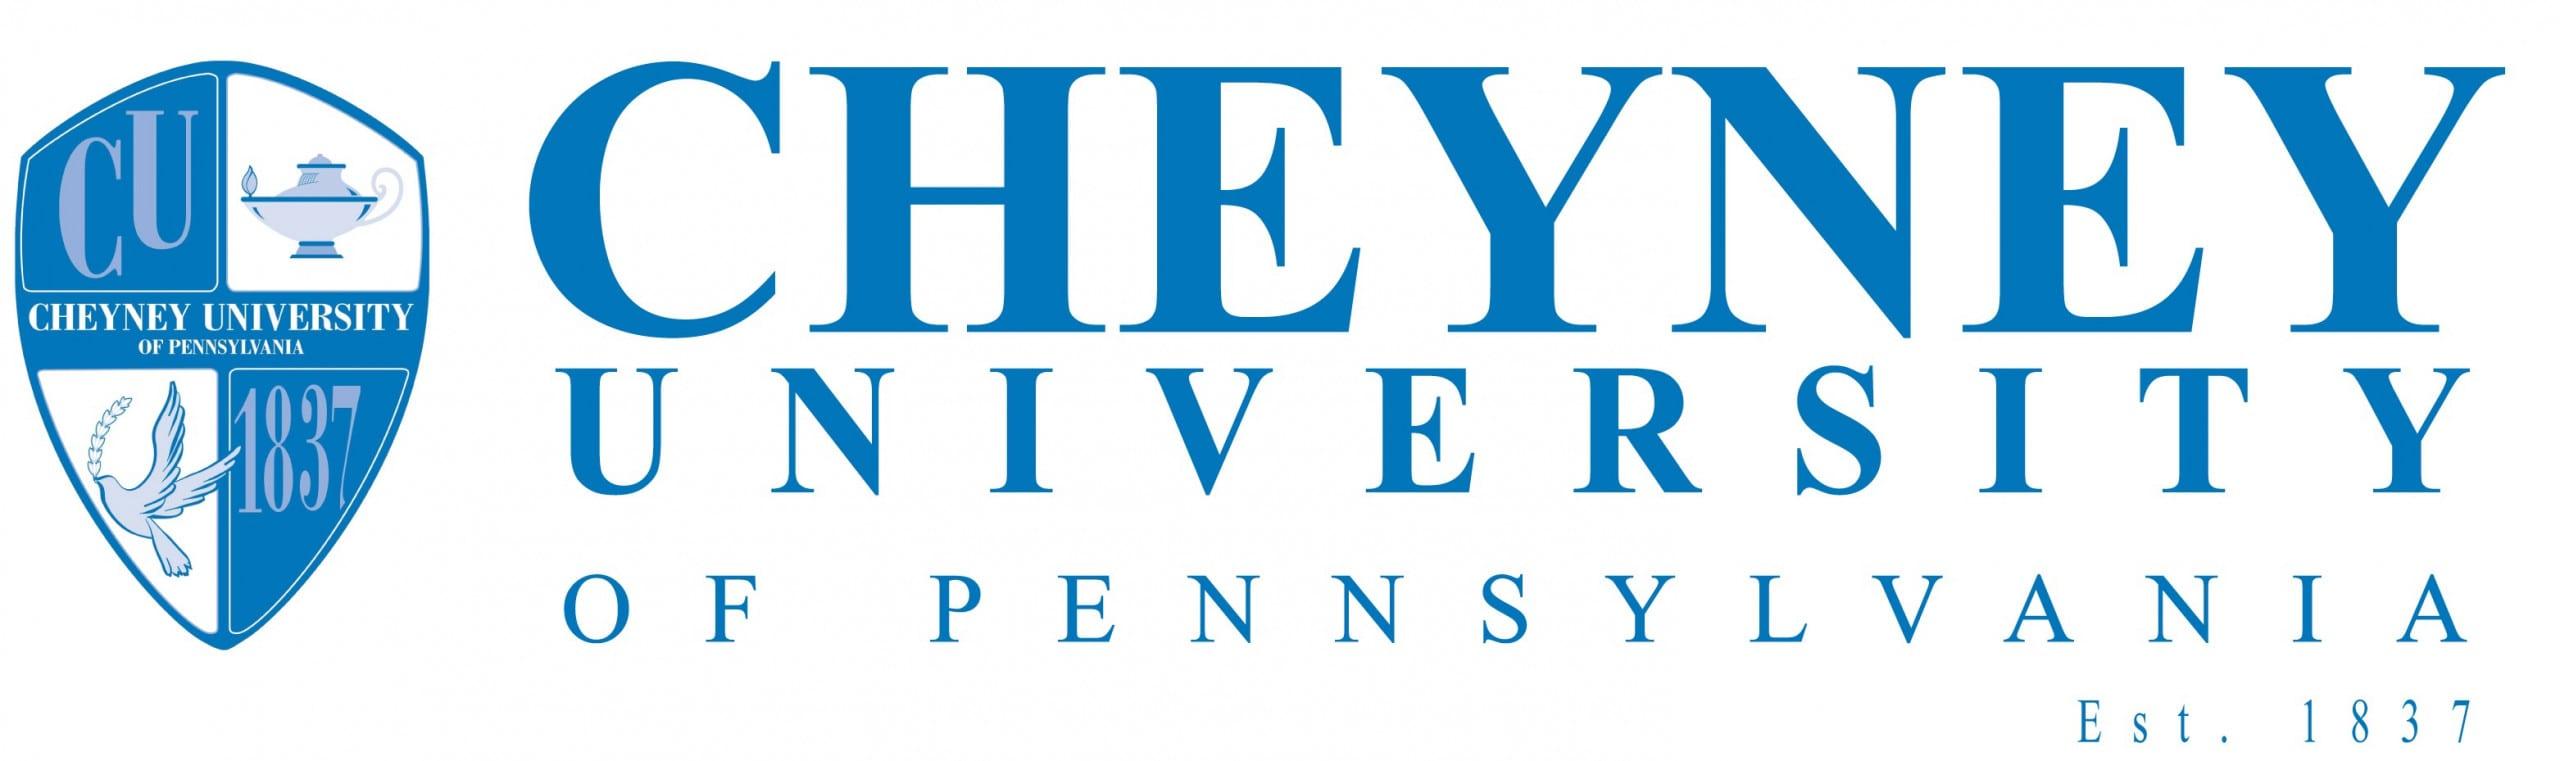 cheyney univ logo